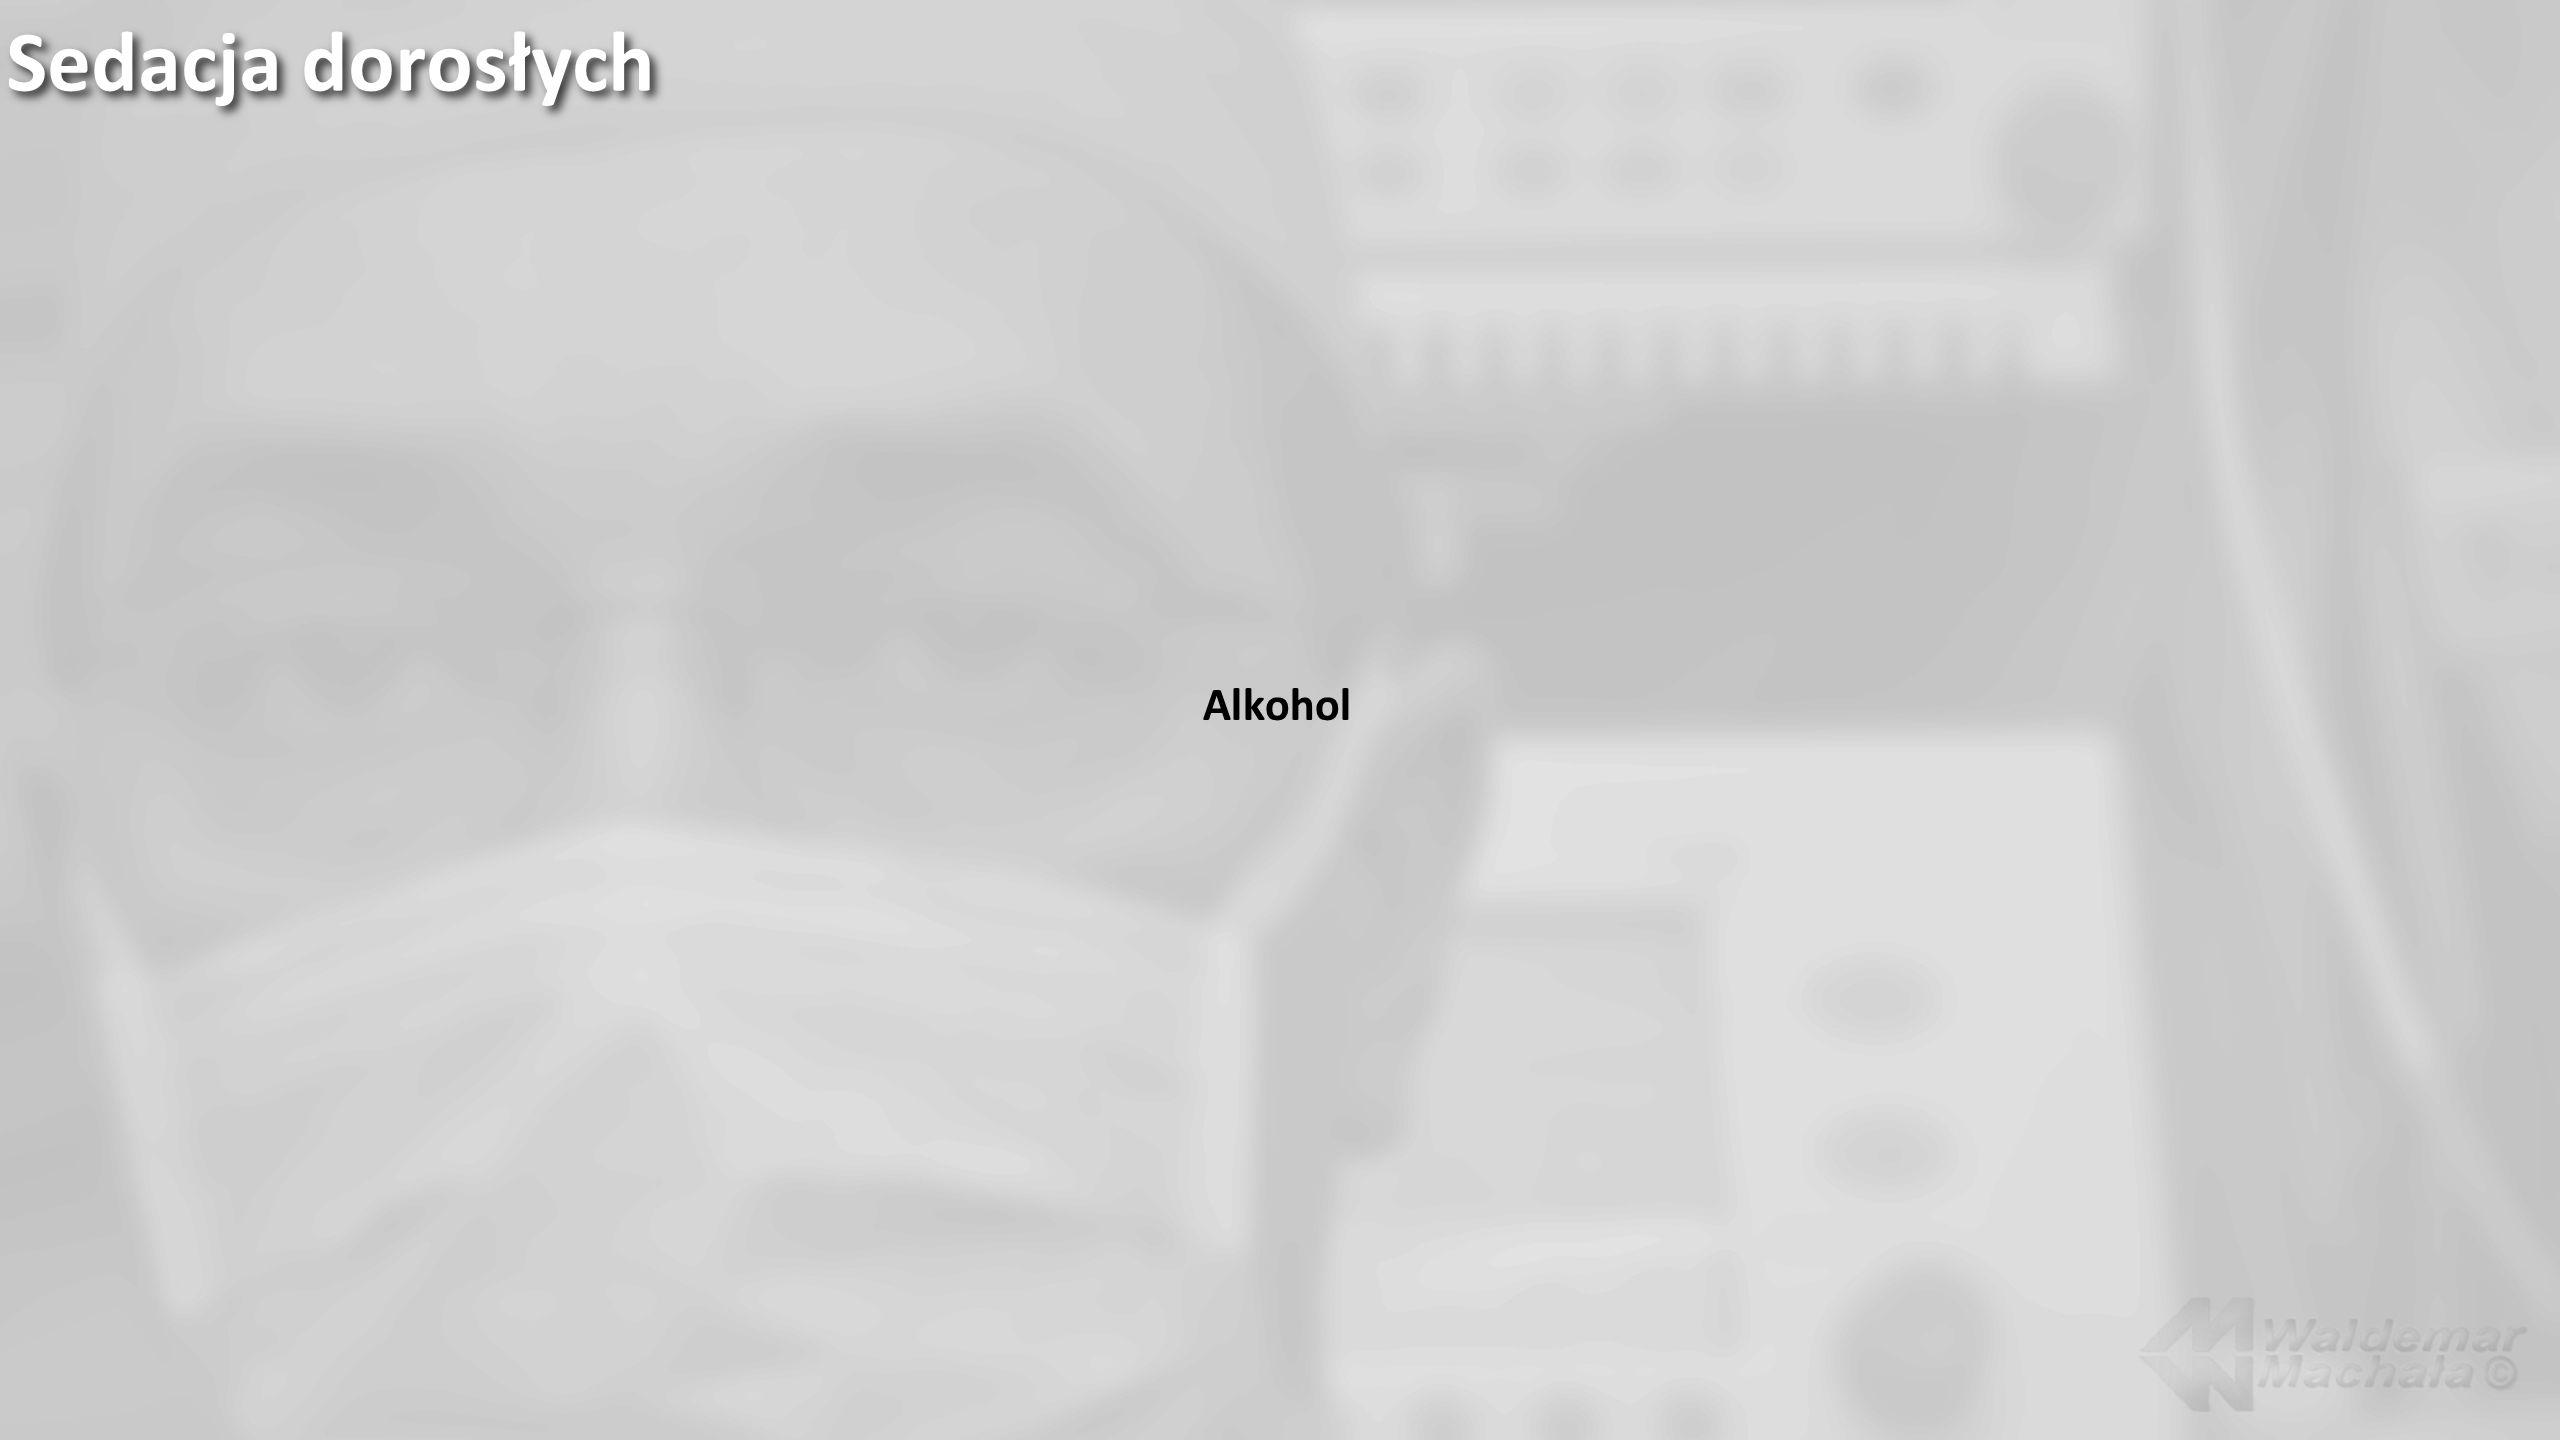 Sedacja dorosłych Alkohol